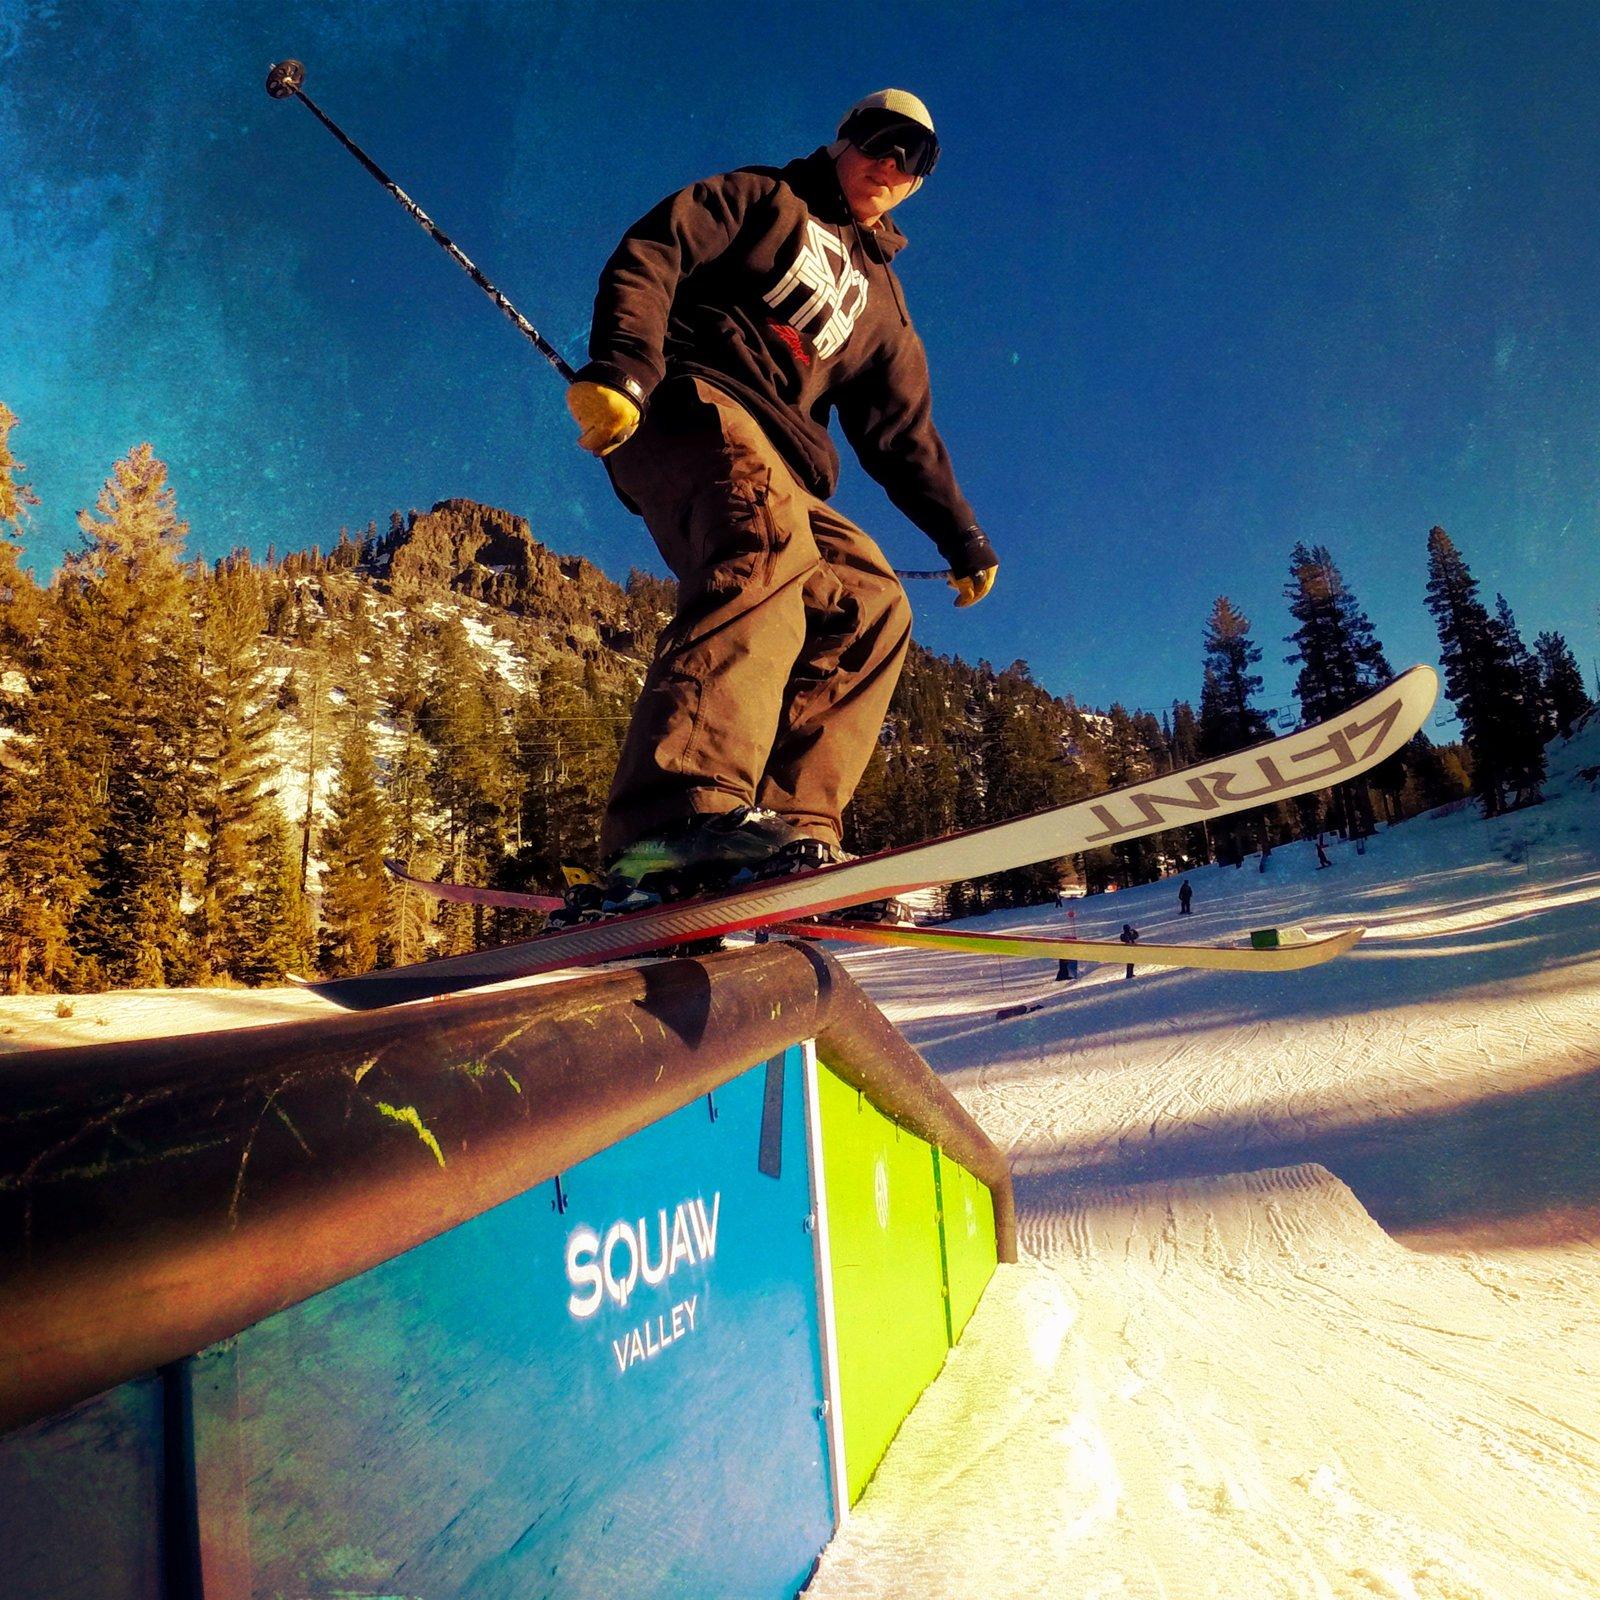 Rainbow Skis